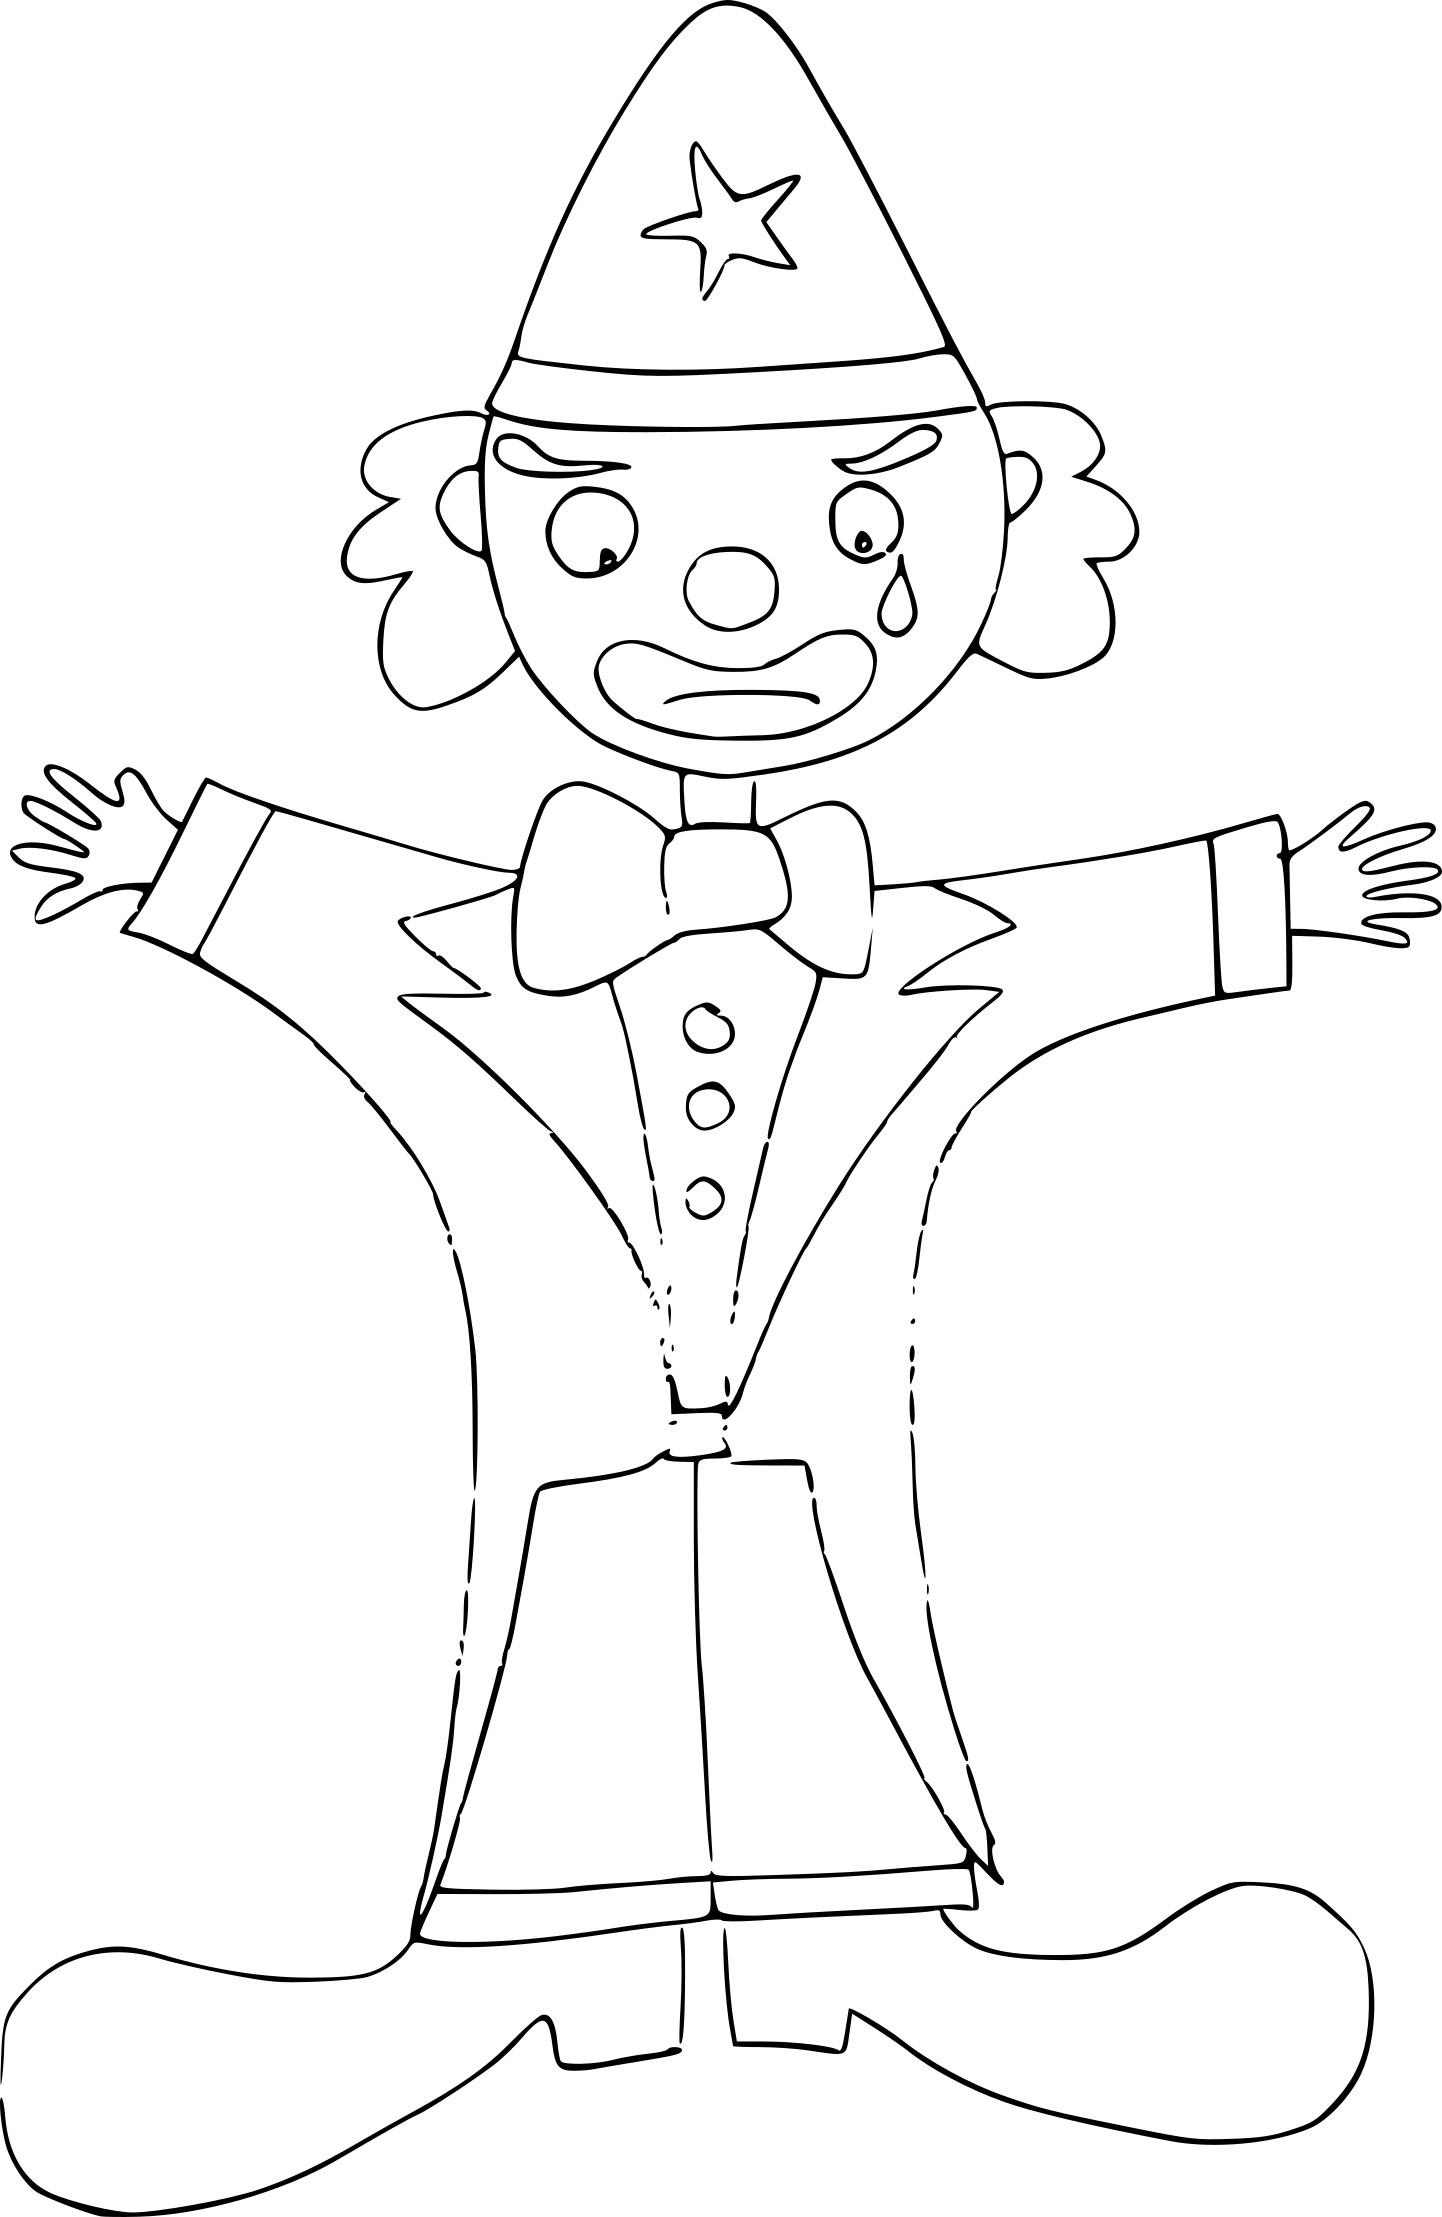 Coloriage Clown Triste À Imprimer Sur Coloriages destiné Coloriage Tete De Clown